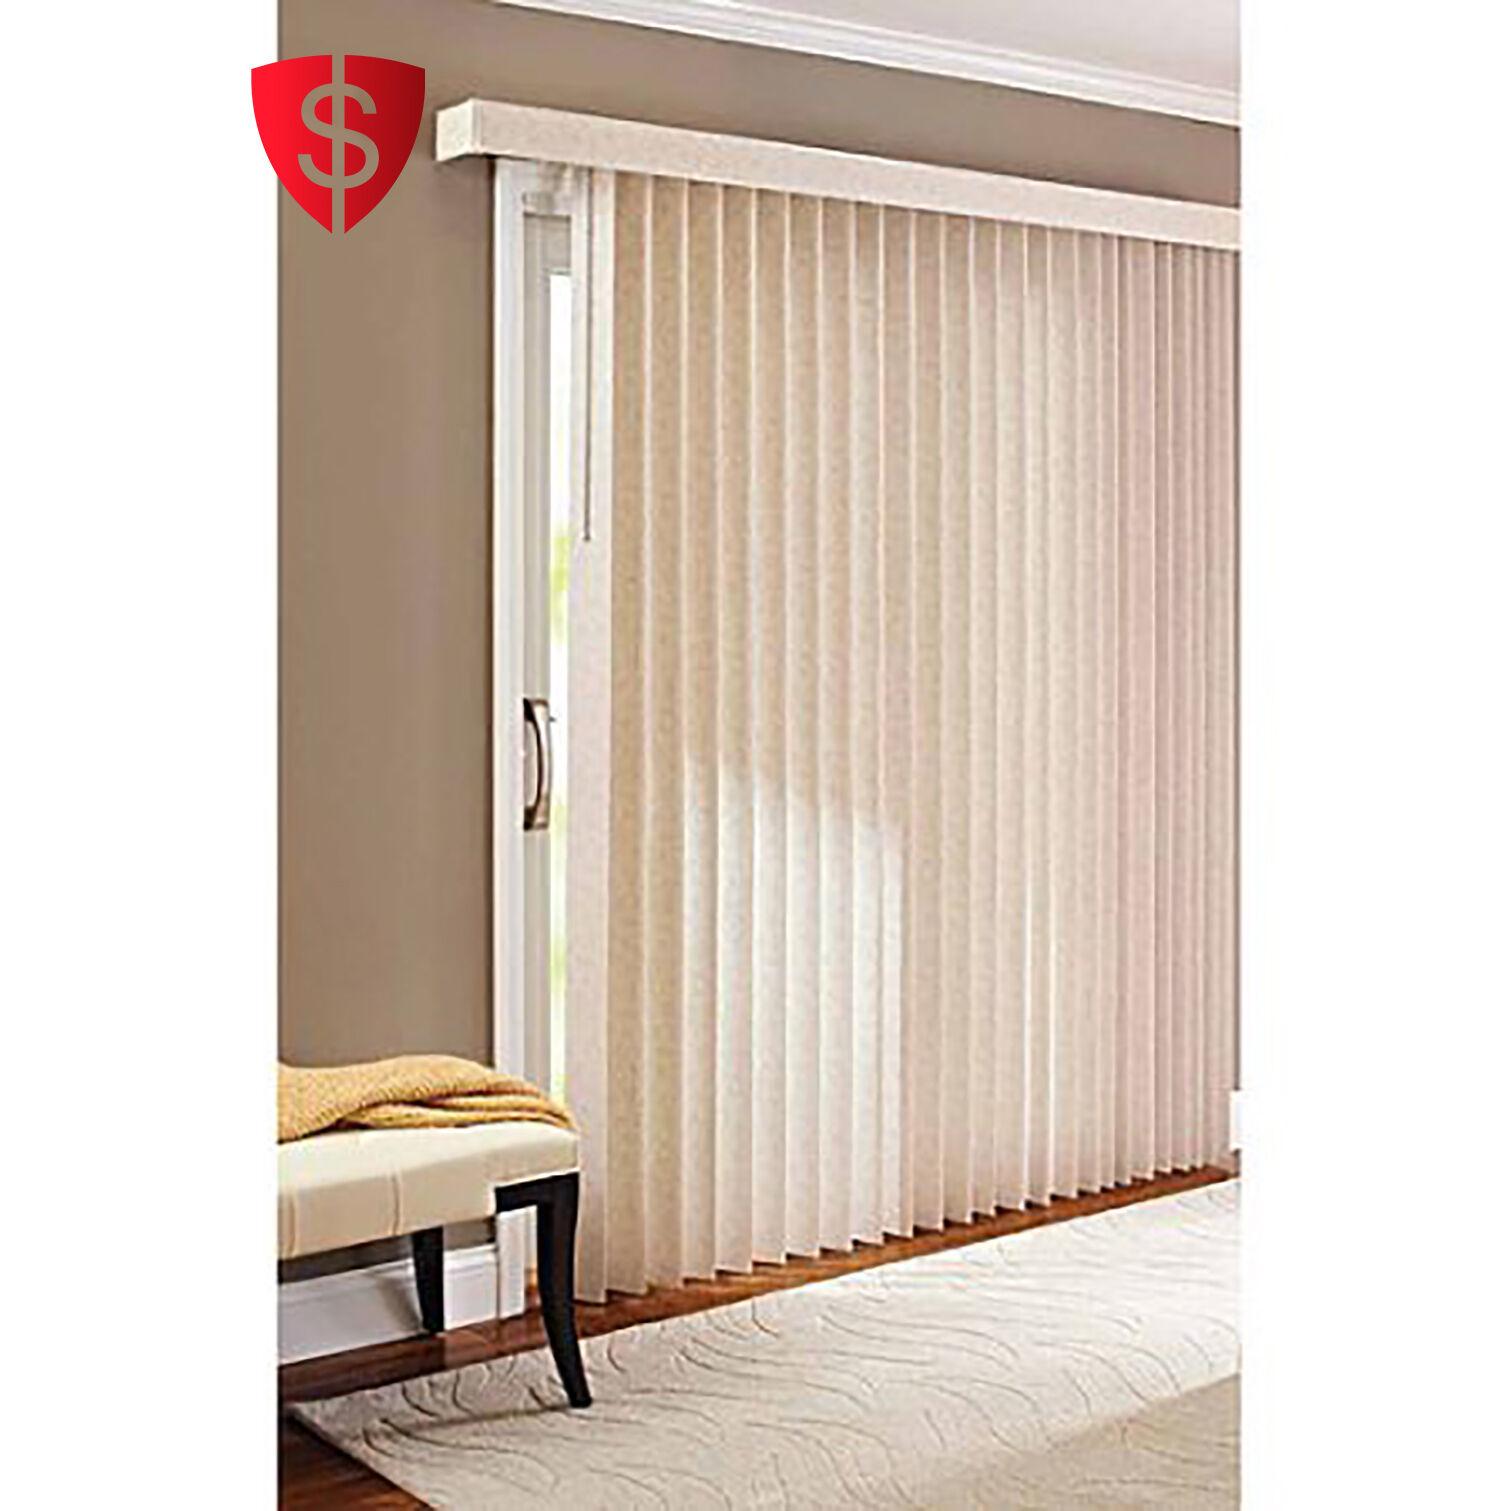 Vertical Window Blinds Decor Privacy Door S-Slat Patio Large Vinyl Windows